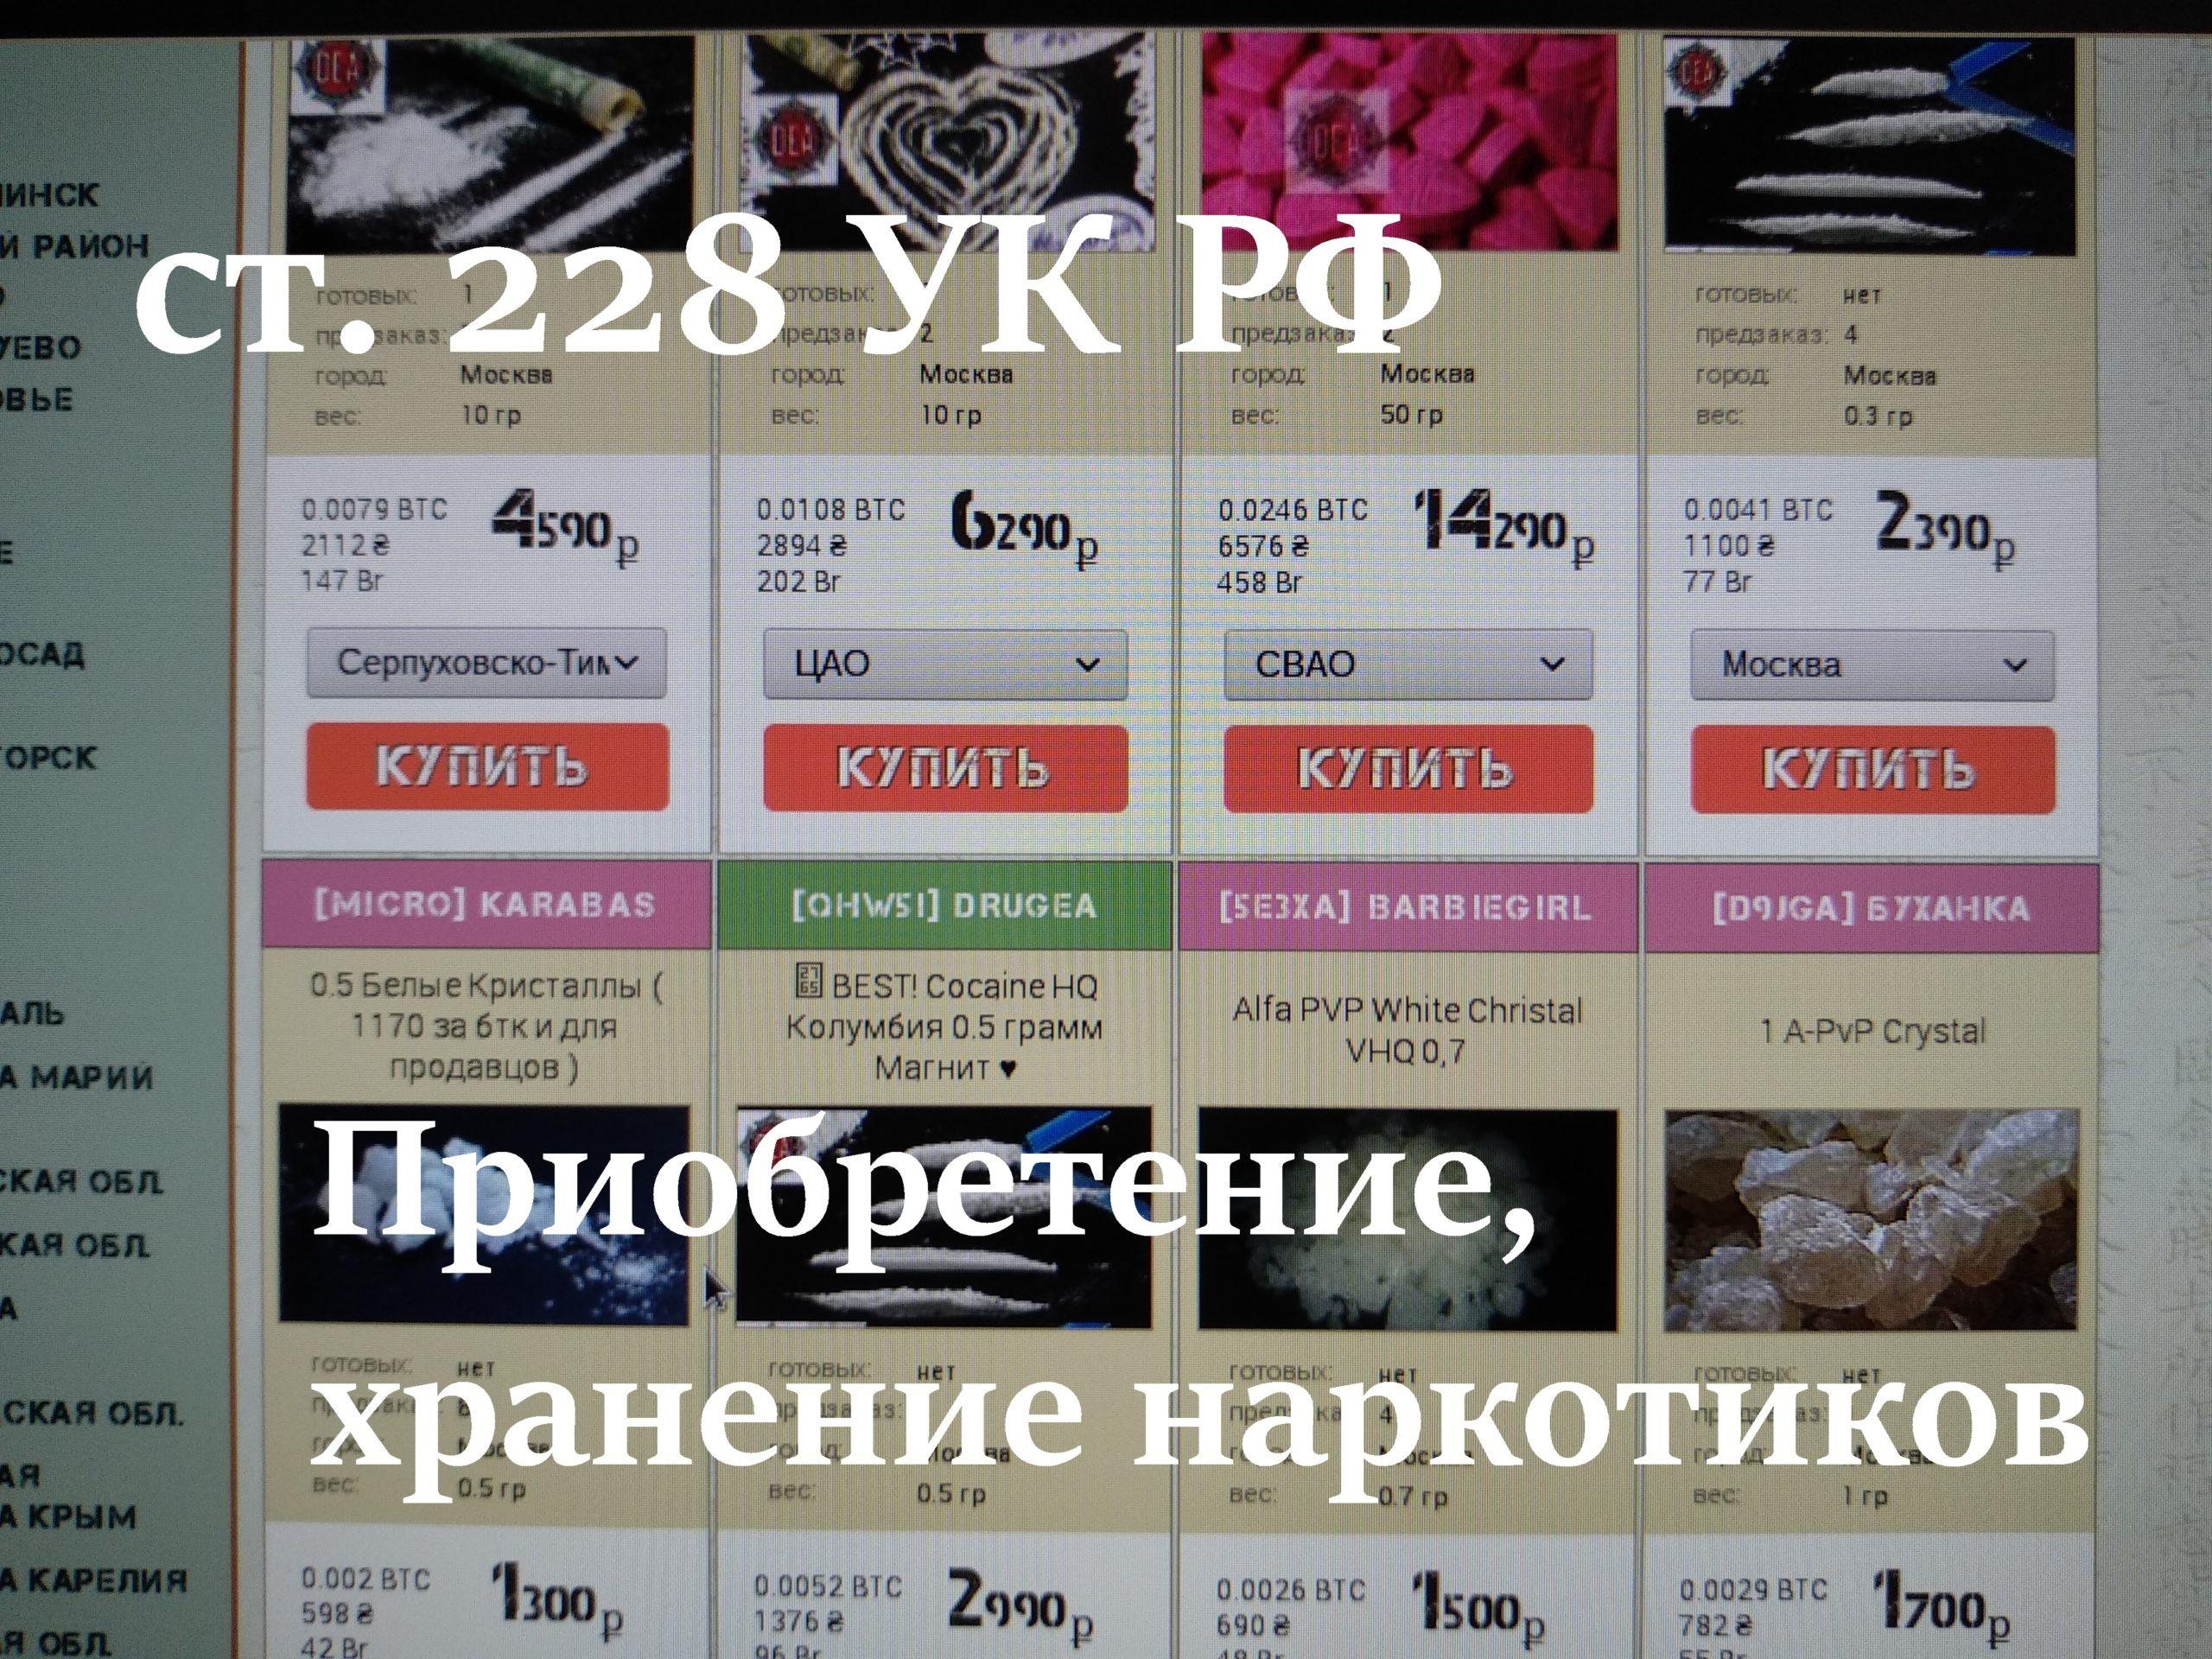 Адвокат по ст. 228 УК РФ Хранение, приобретение наркотиков